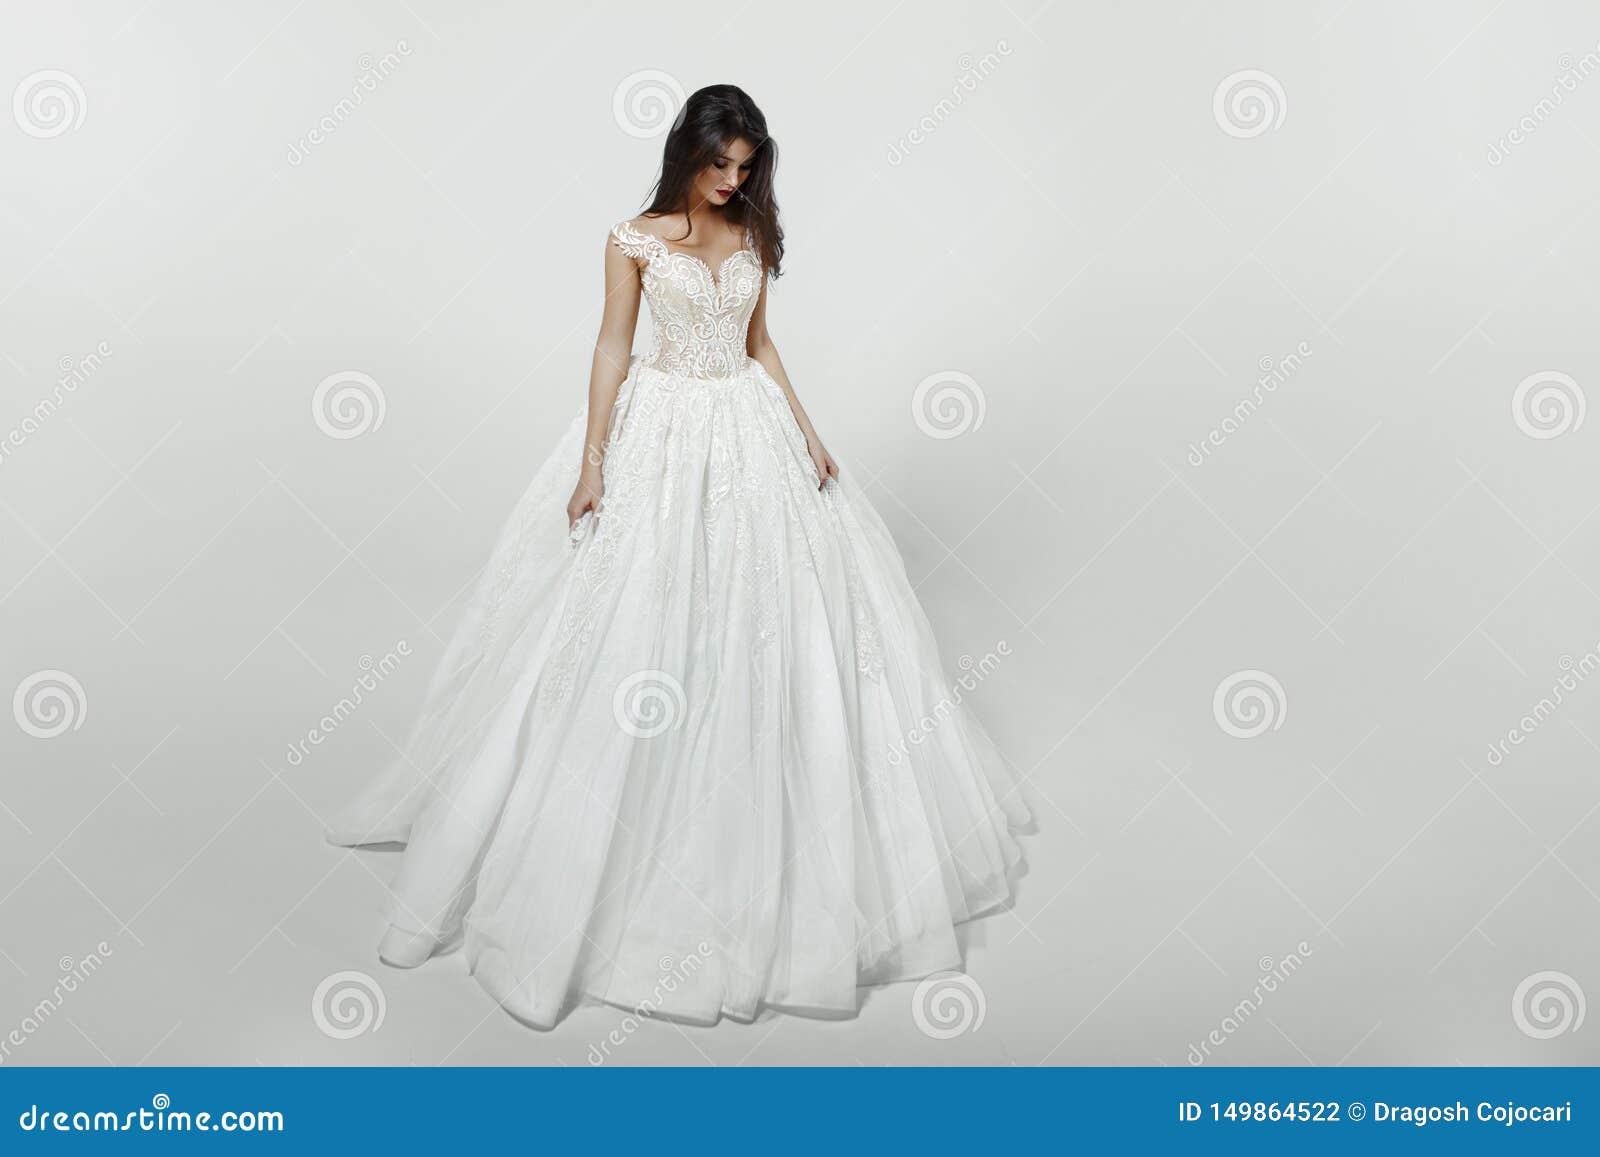 je cherche une fille pour mariage blanc